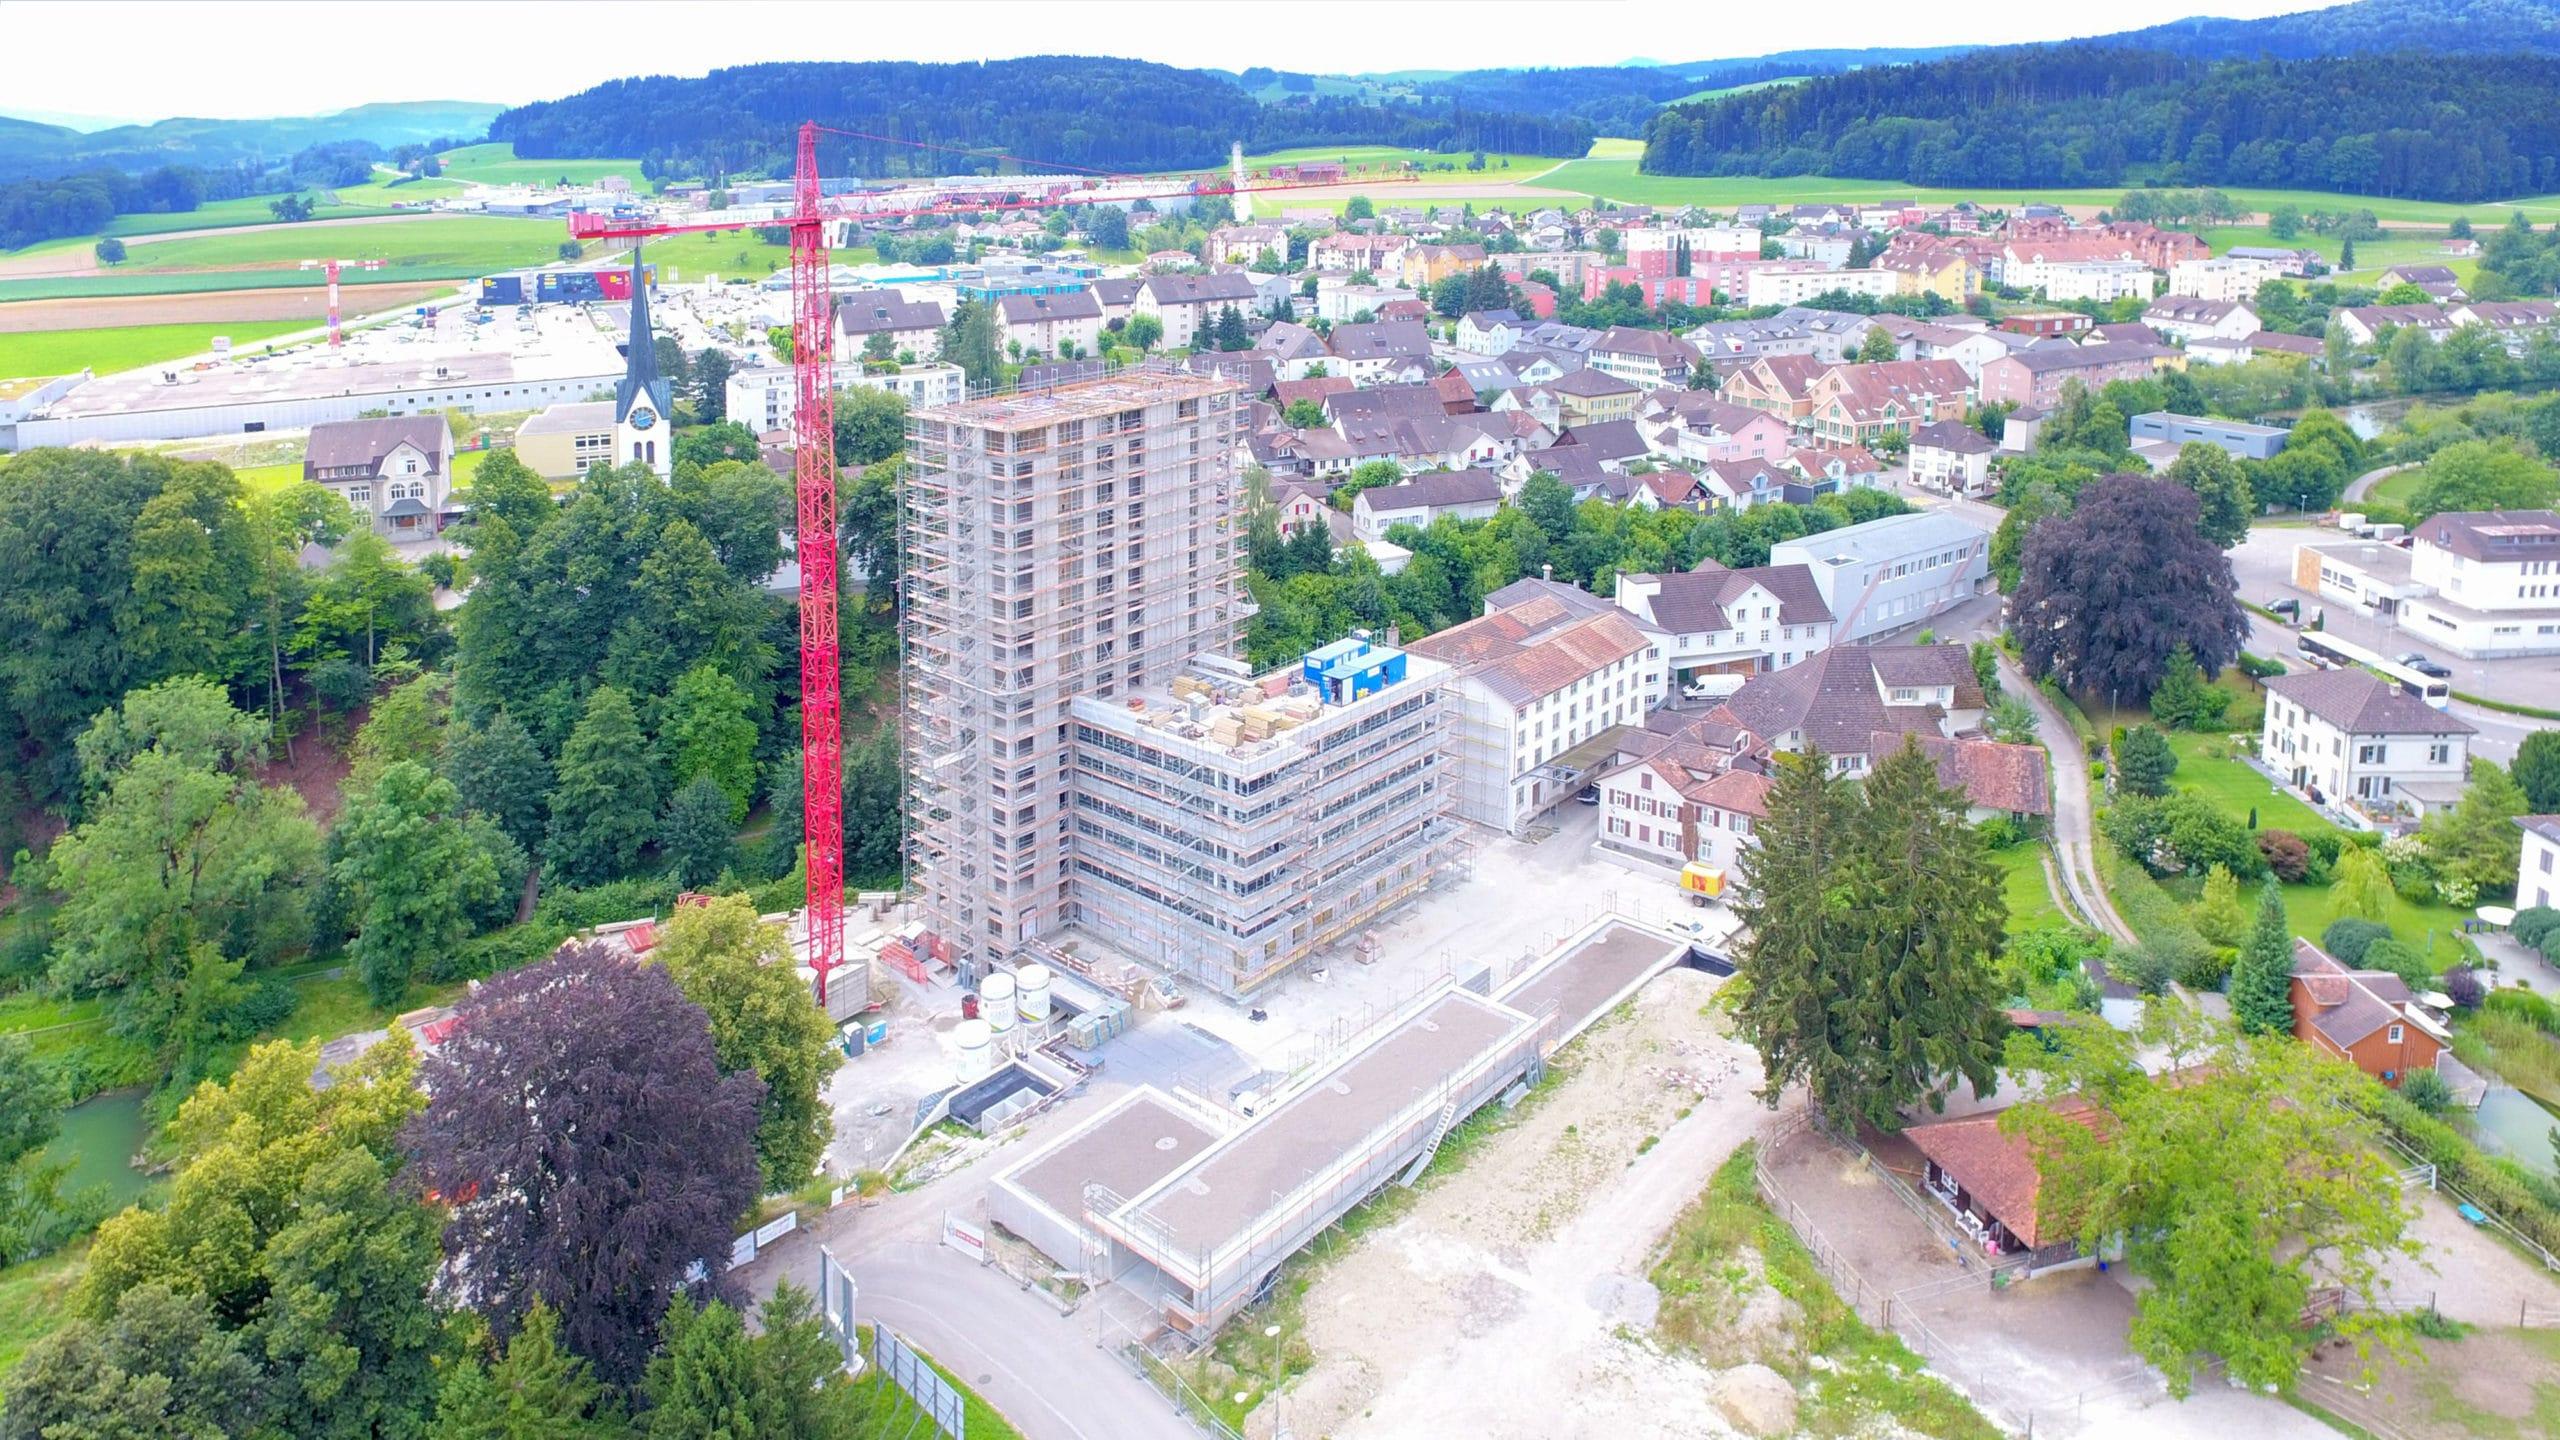 20200721 Baufortschritt Mühle Rickenbach